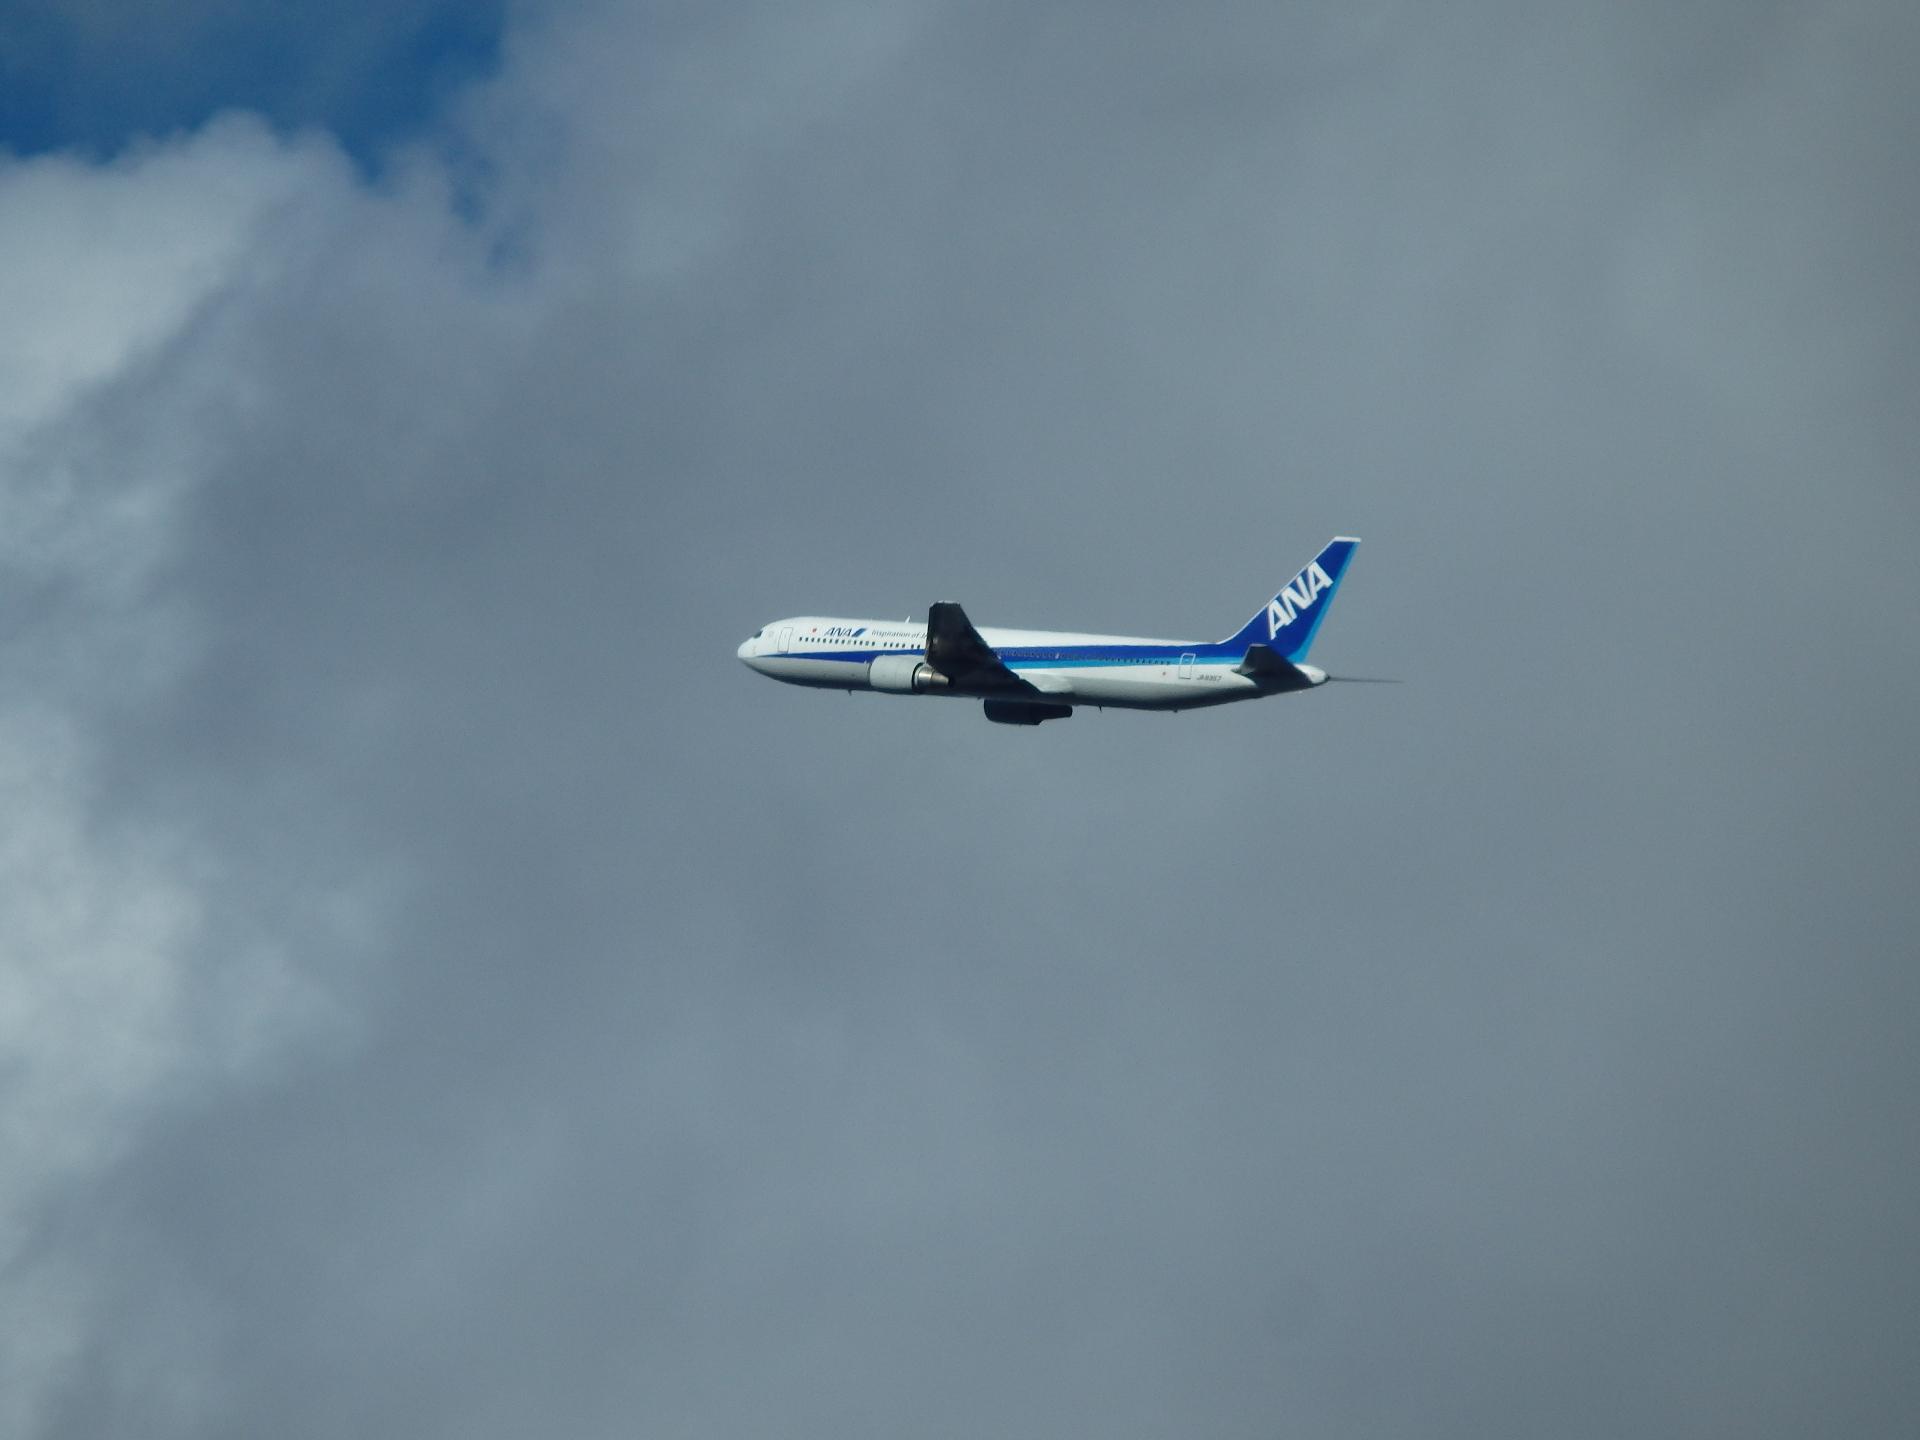 JA8357・ミス・パイロットのファーストフライト機です。